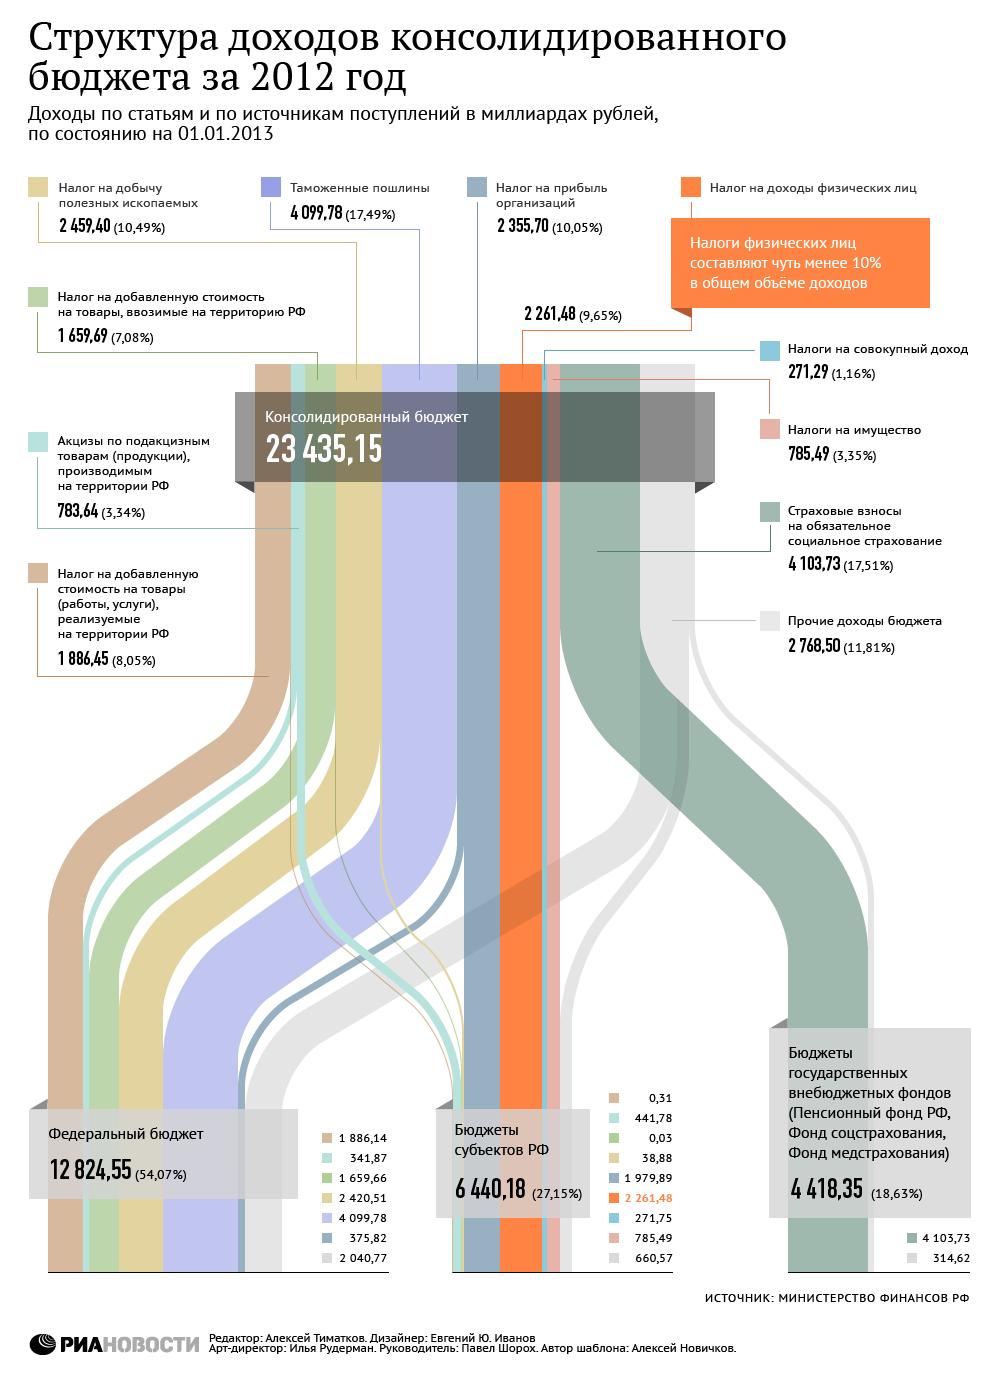 Структура доходов консолидированного бюджета за 2012 год